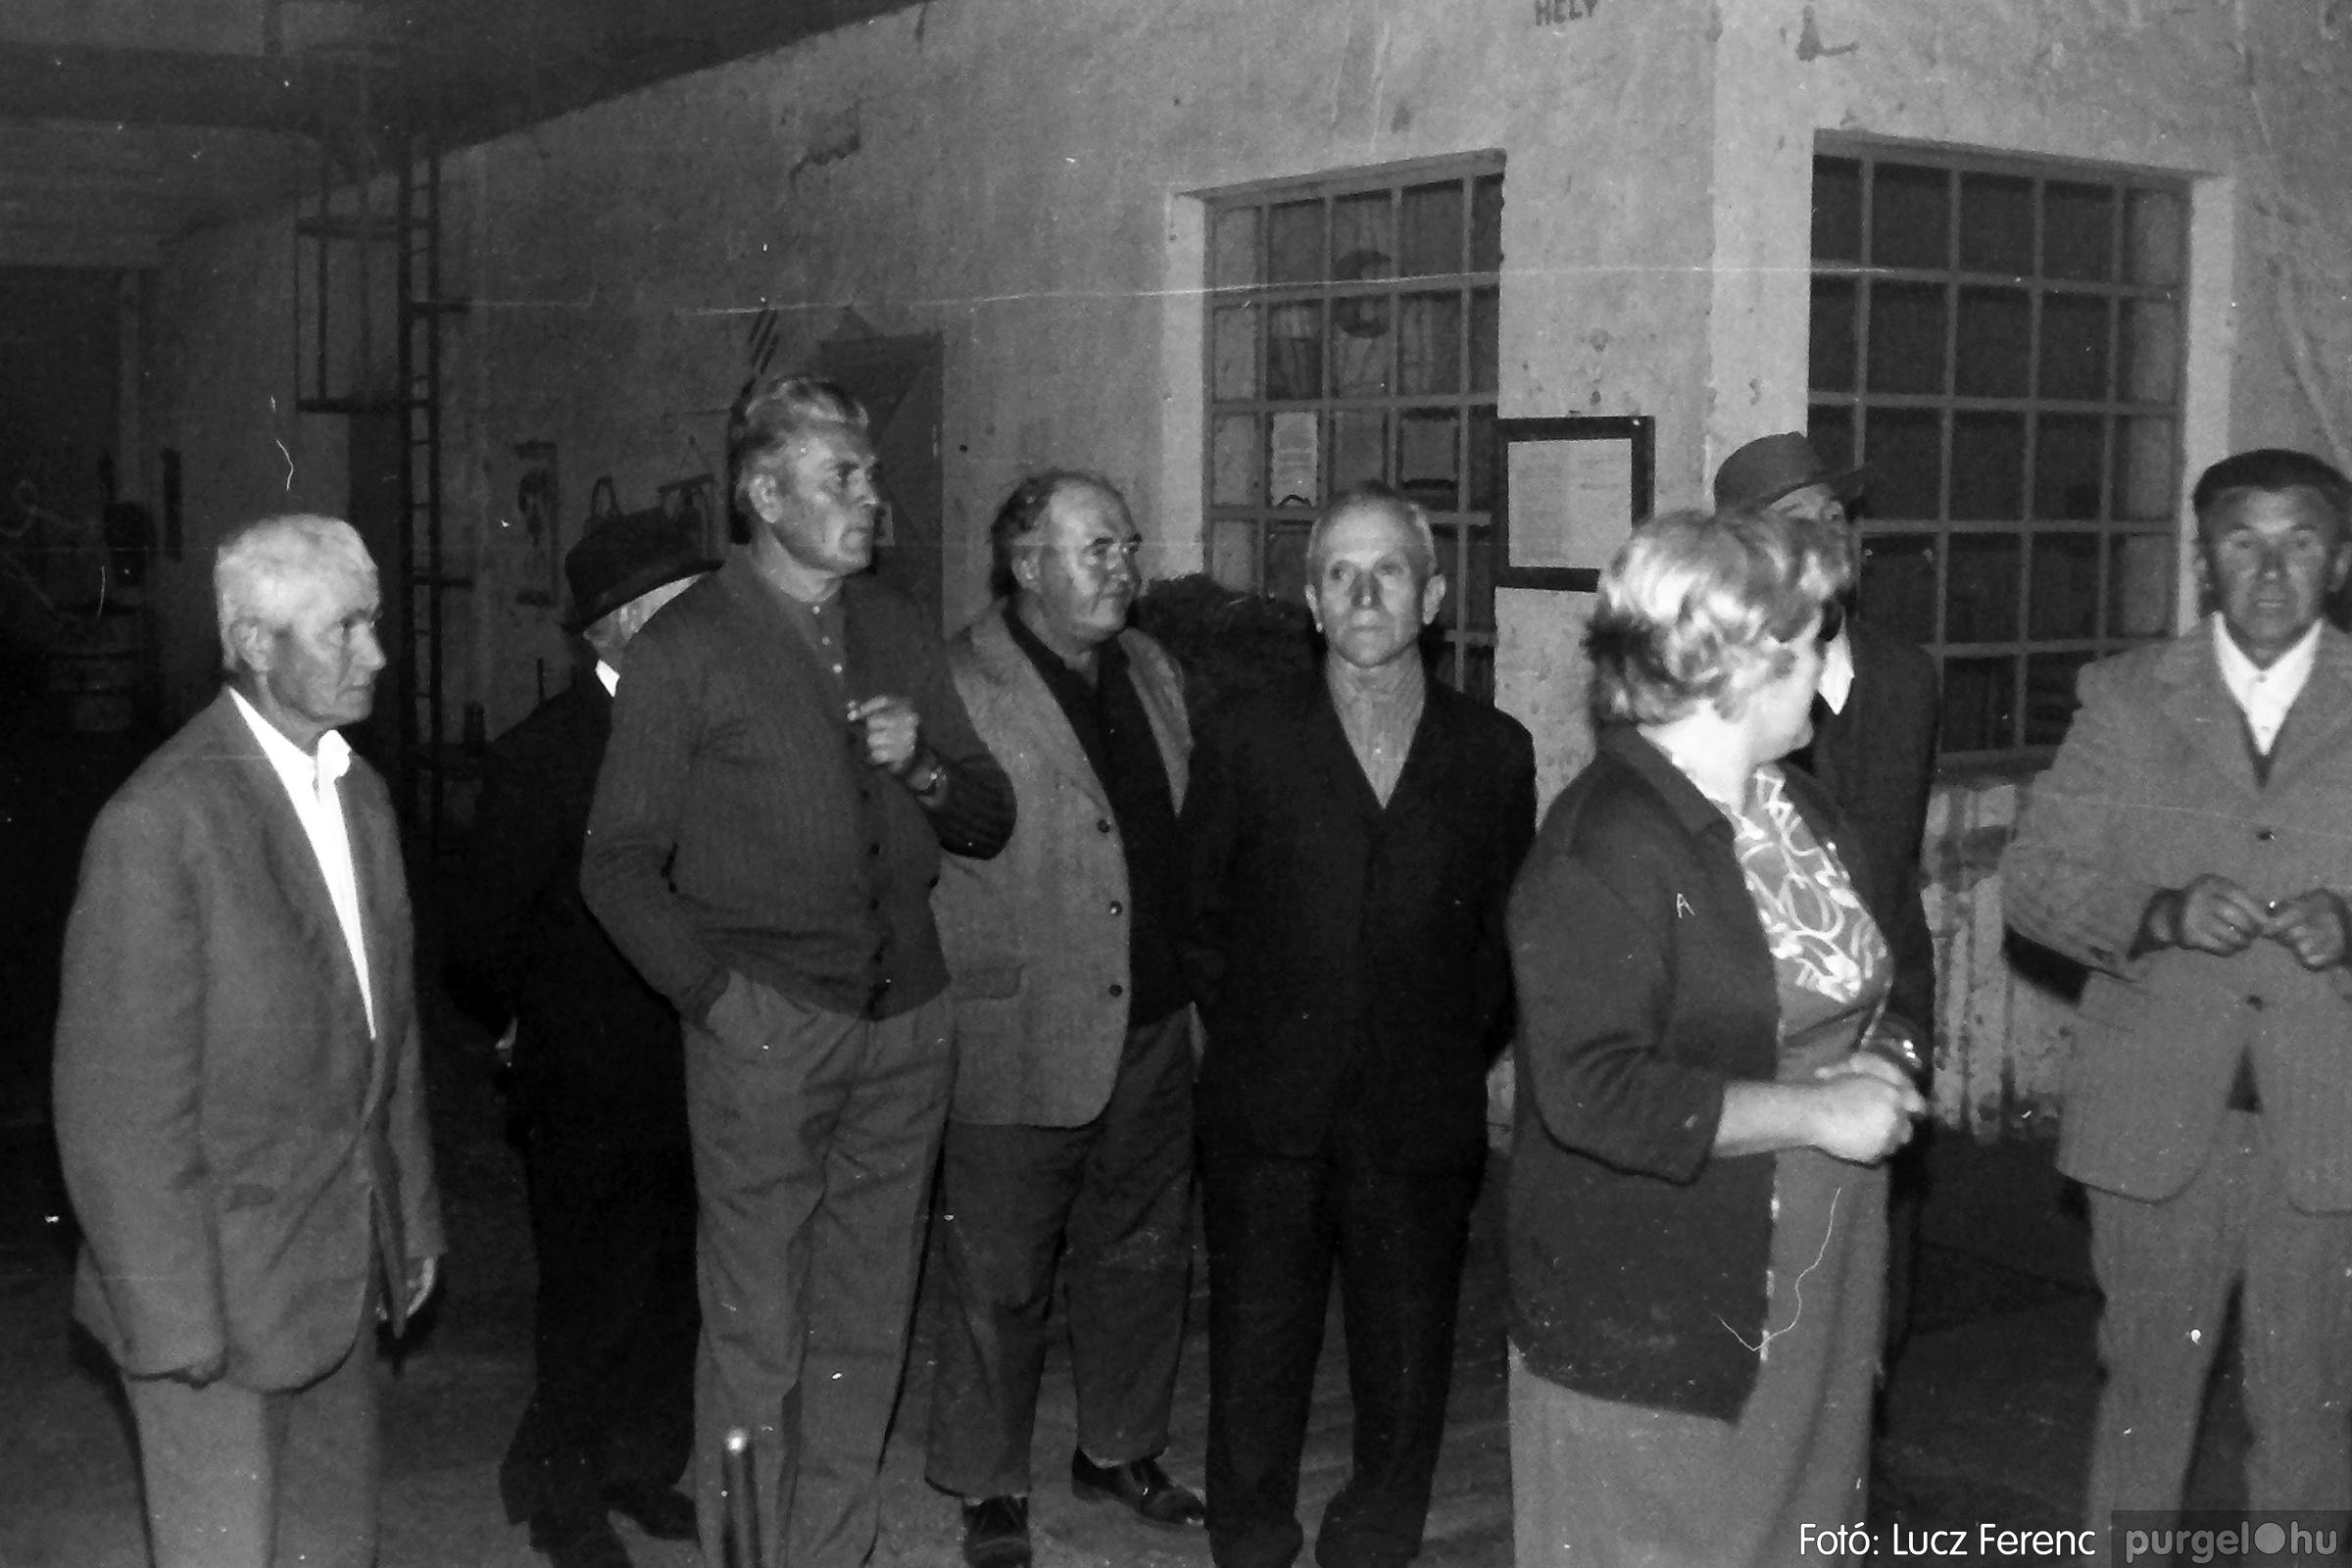 088A. 1977. Nyugdíjas találkozó a Kendergyárban 012. - Fotó: Lucz Ferenc.jpg